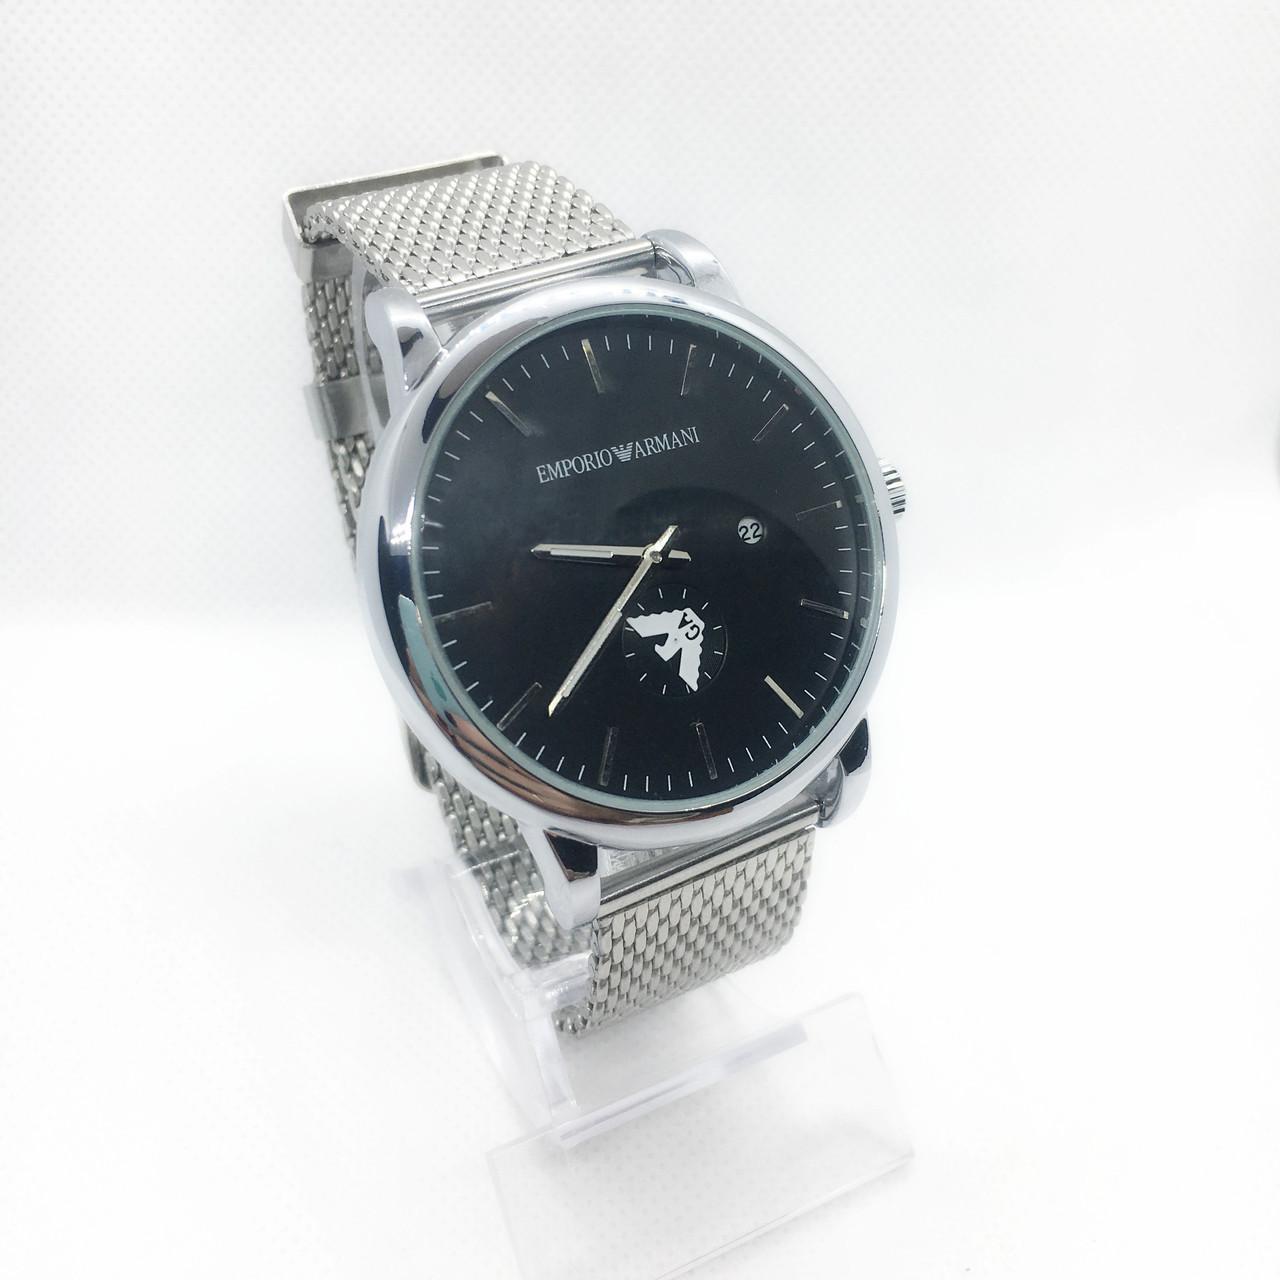 Мужские наручные часы Emporio Armani (Эмпорио Армани), серебро с черным циферблатом